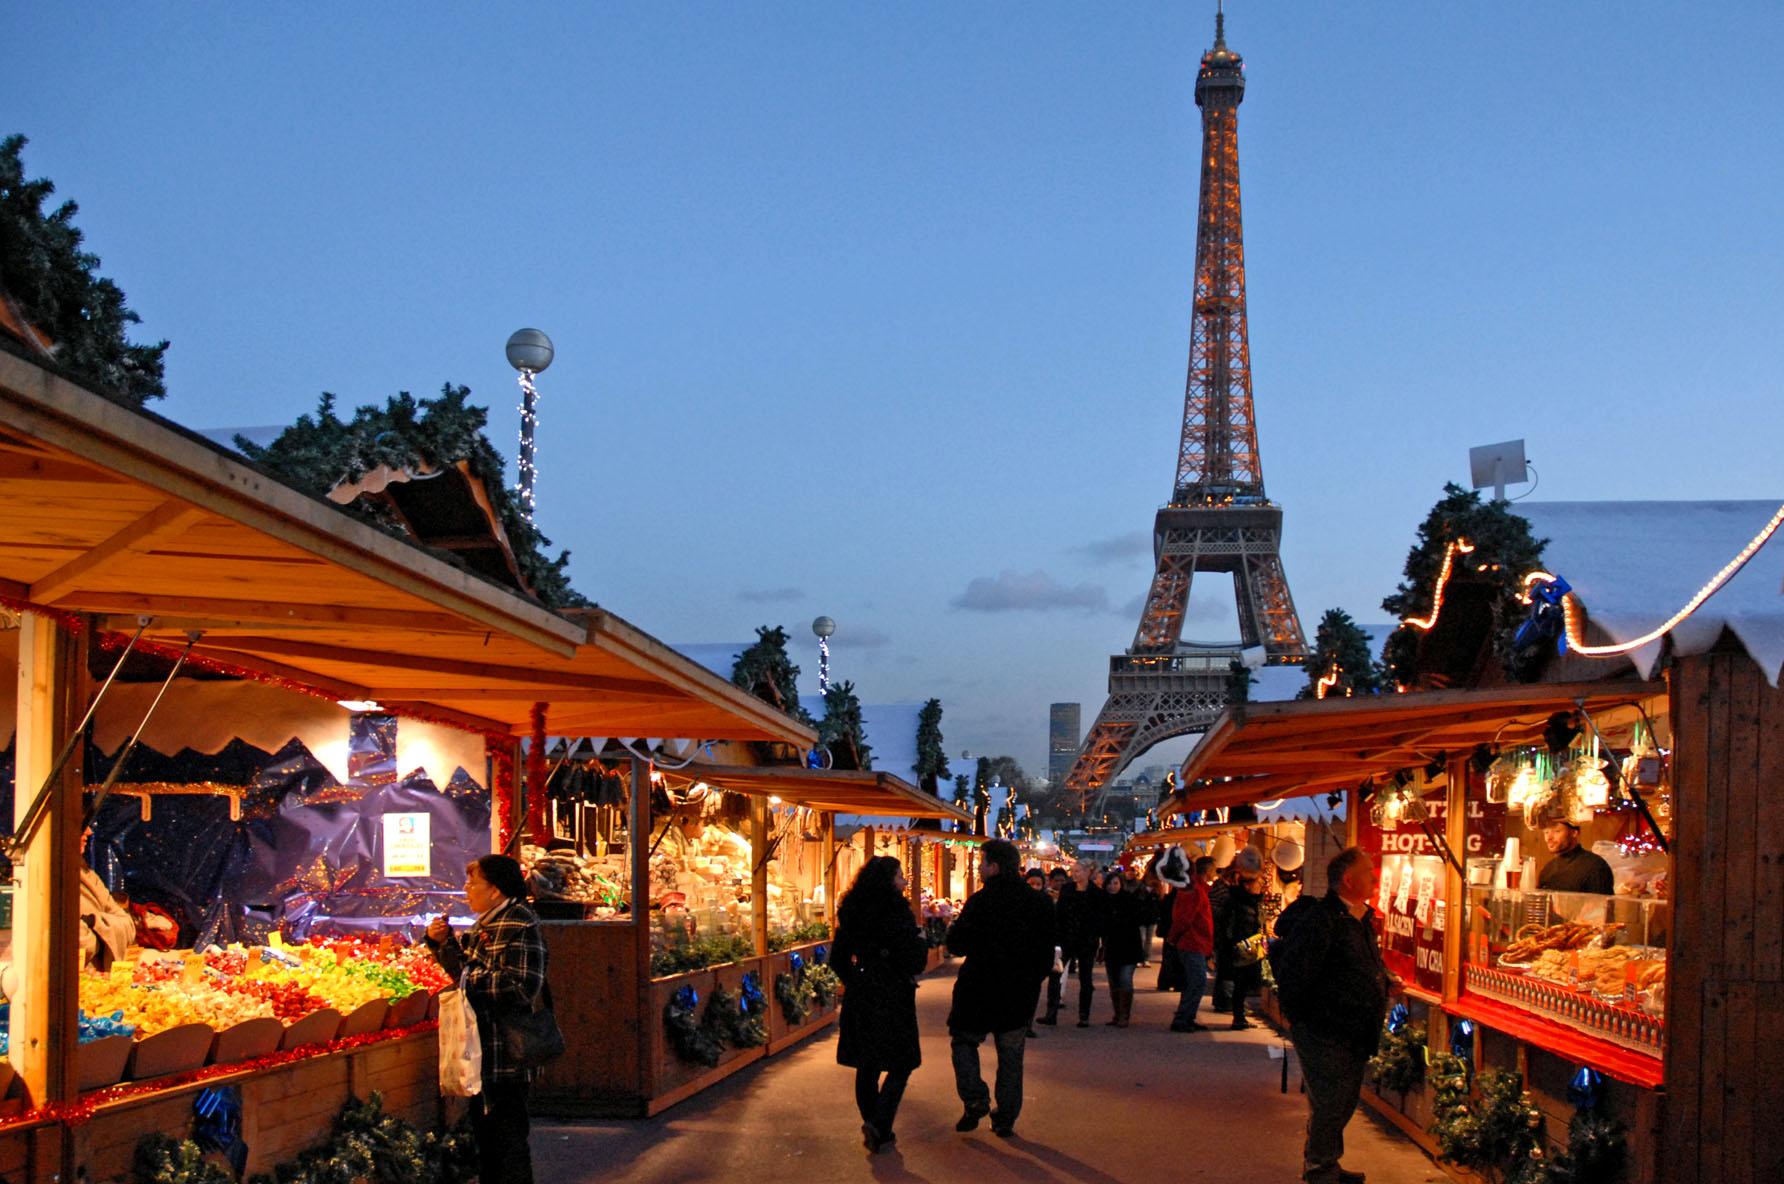 Paris Marché De Noel File:Le marché de Noël européen au Trocadéro (Paris) (4175210166